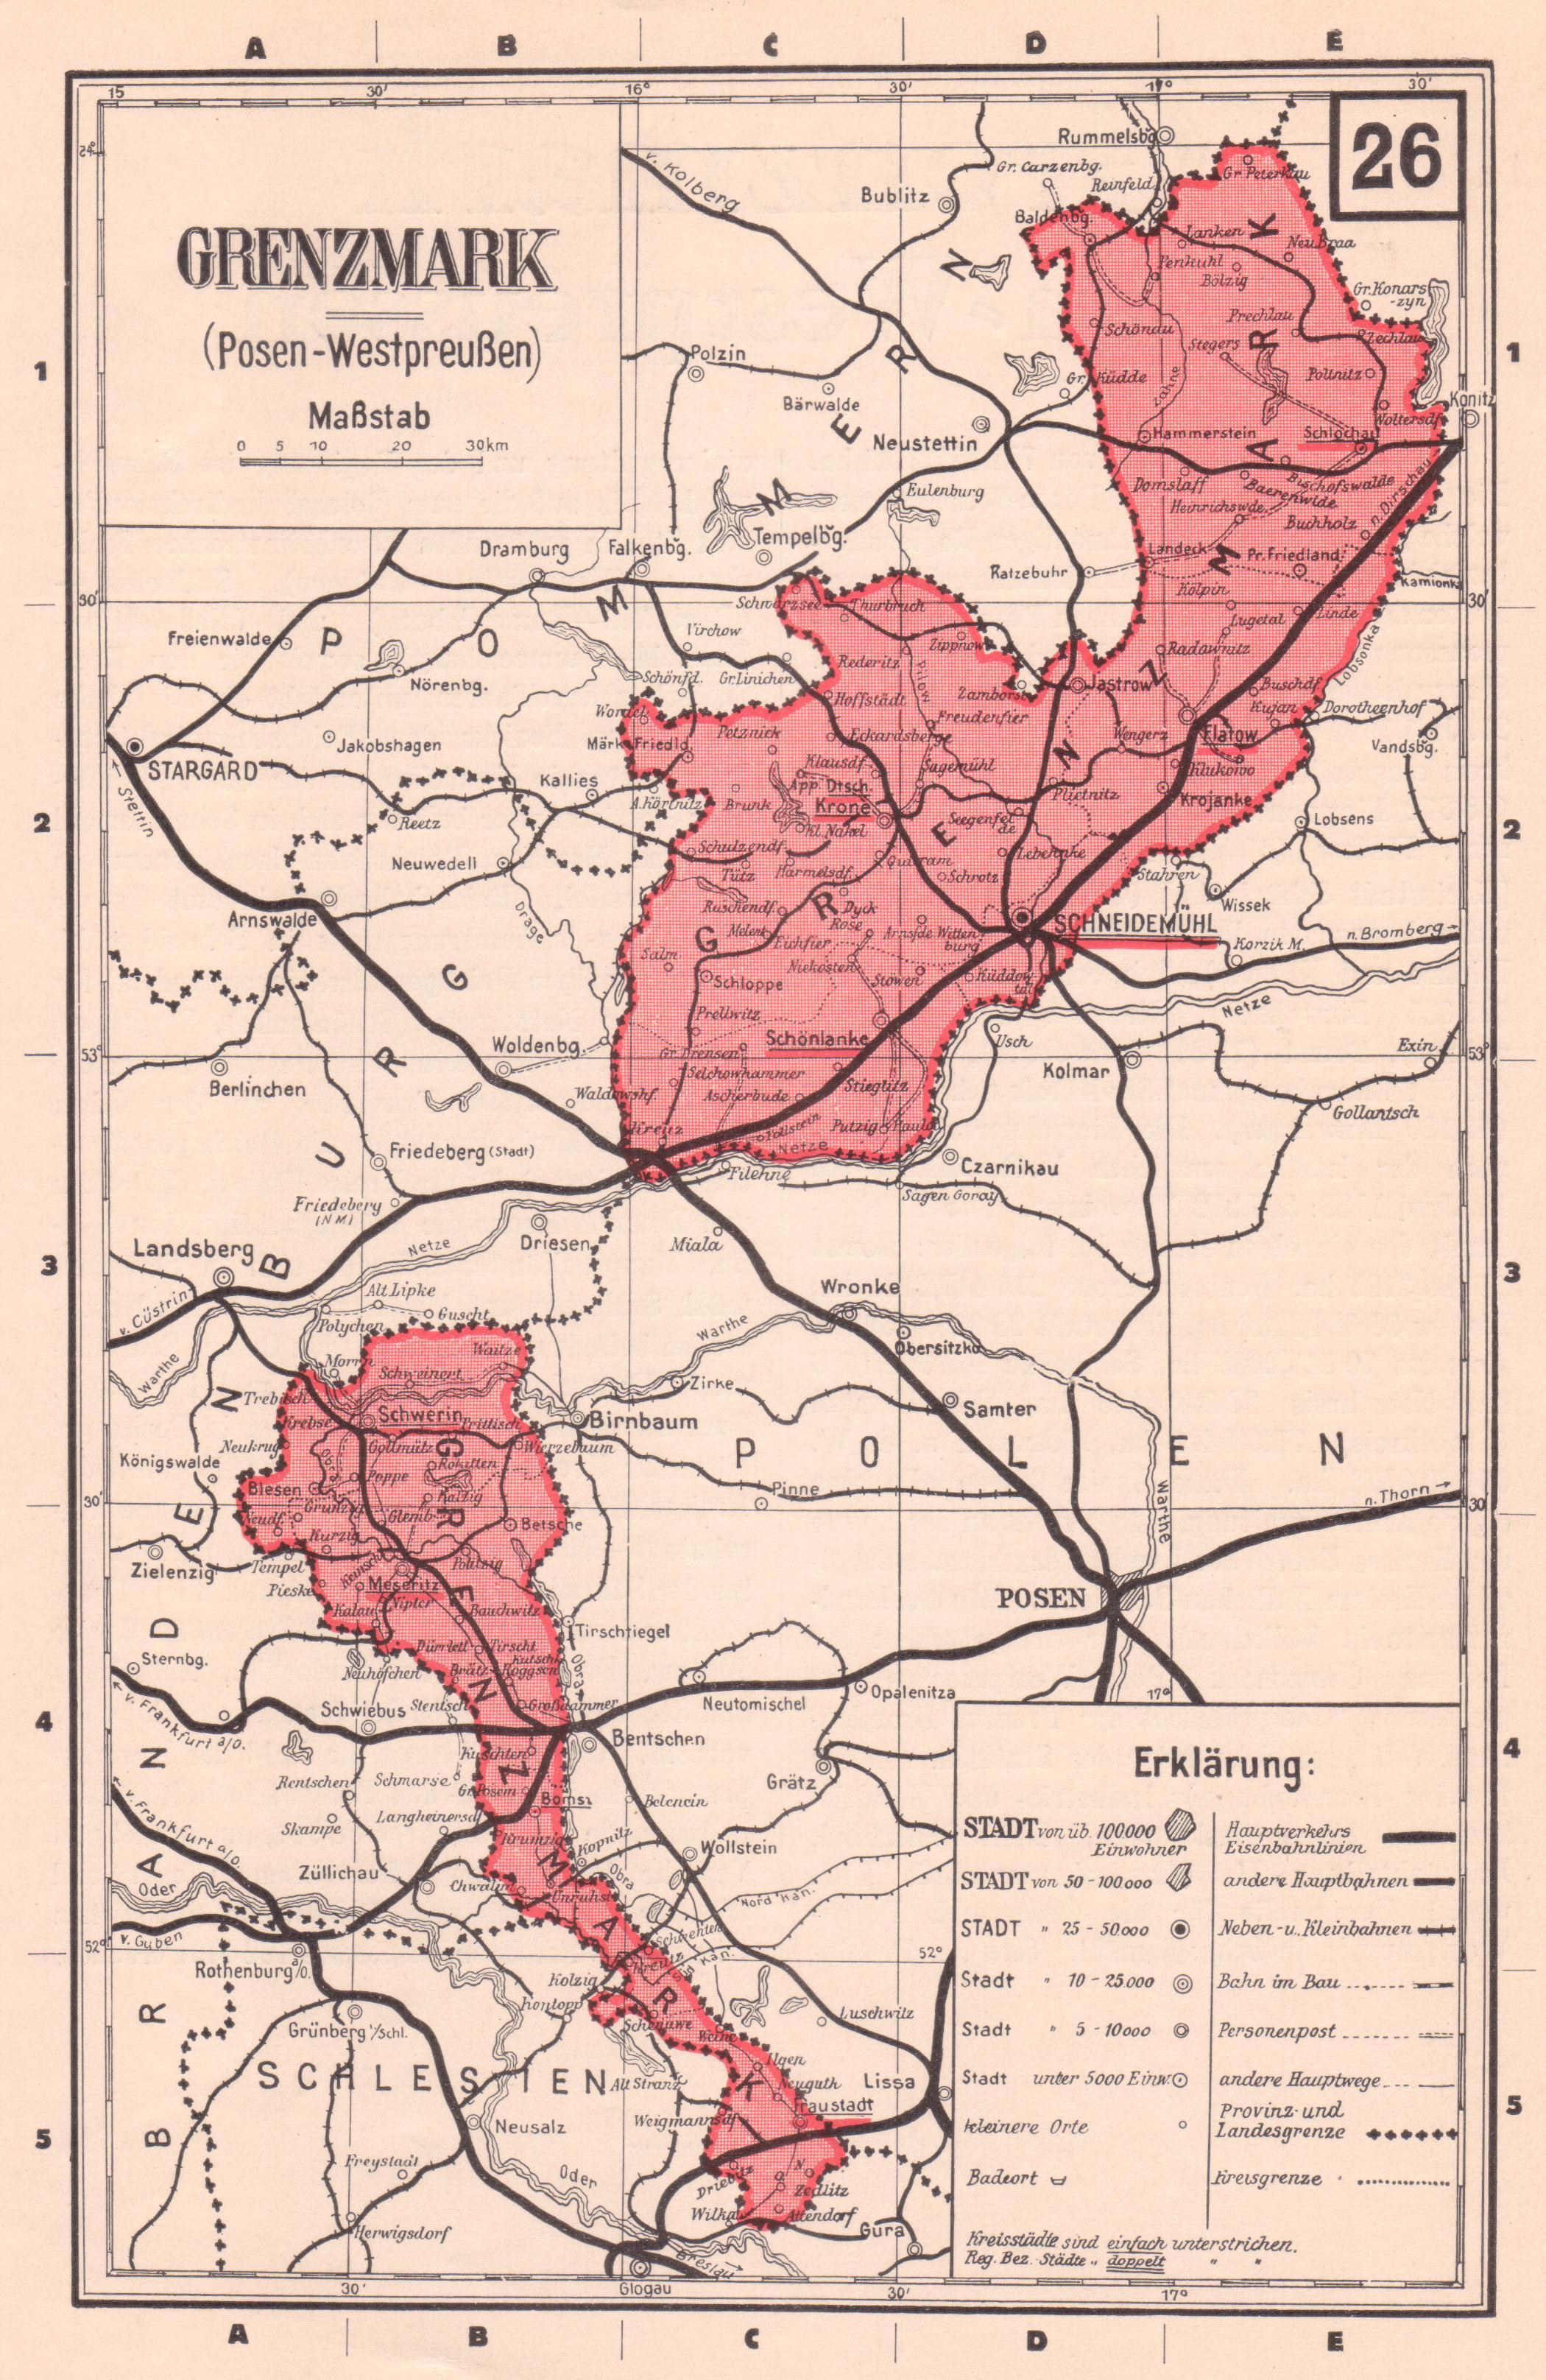 karte-grenzmark.jpg